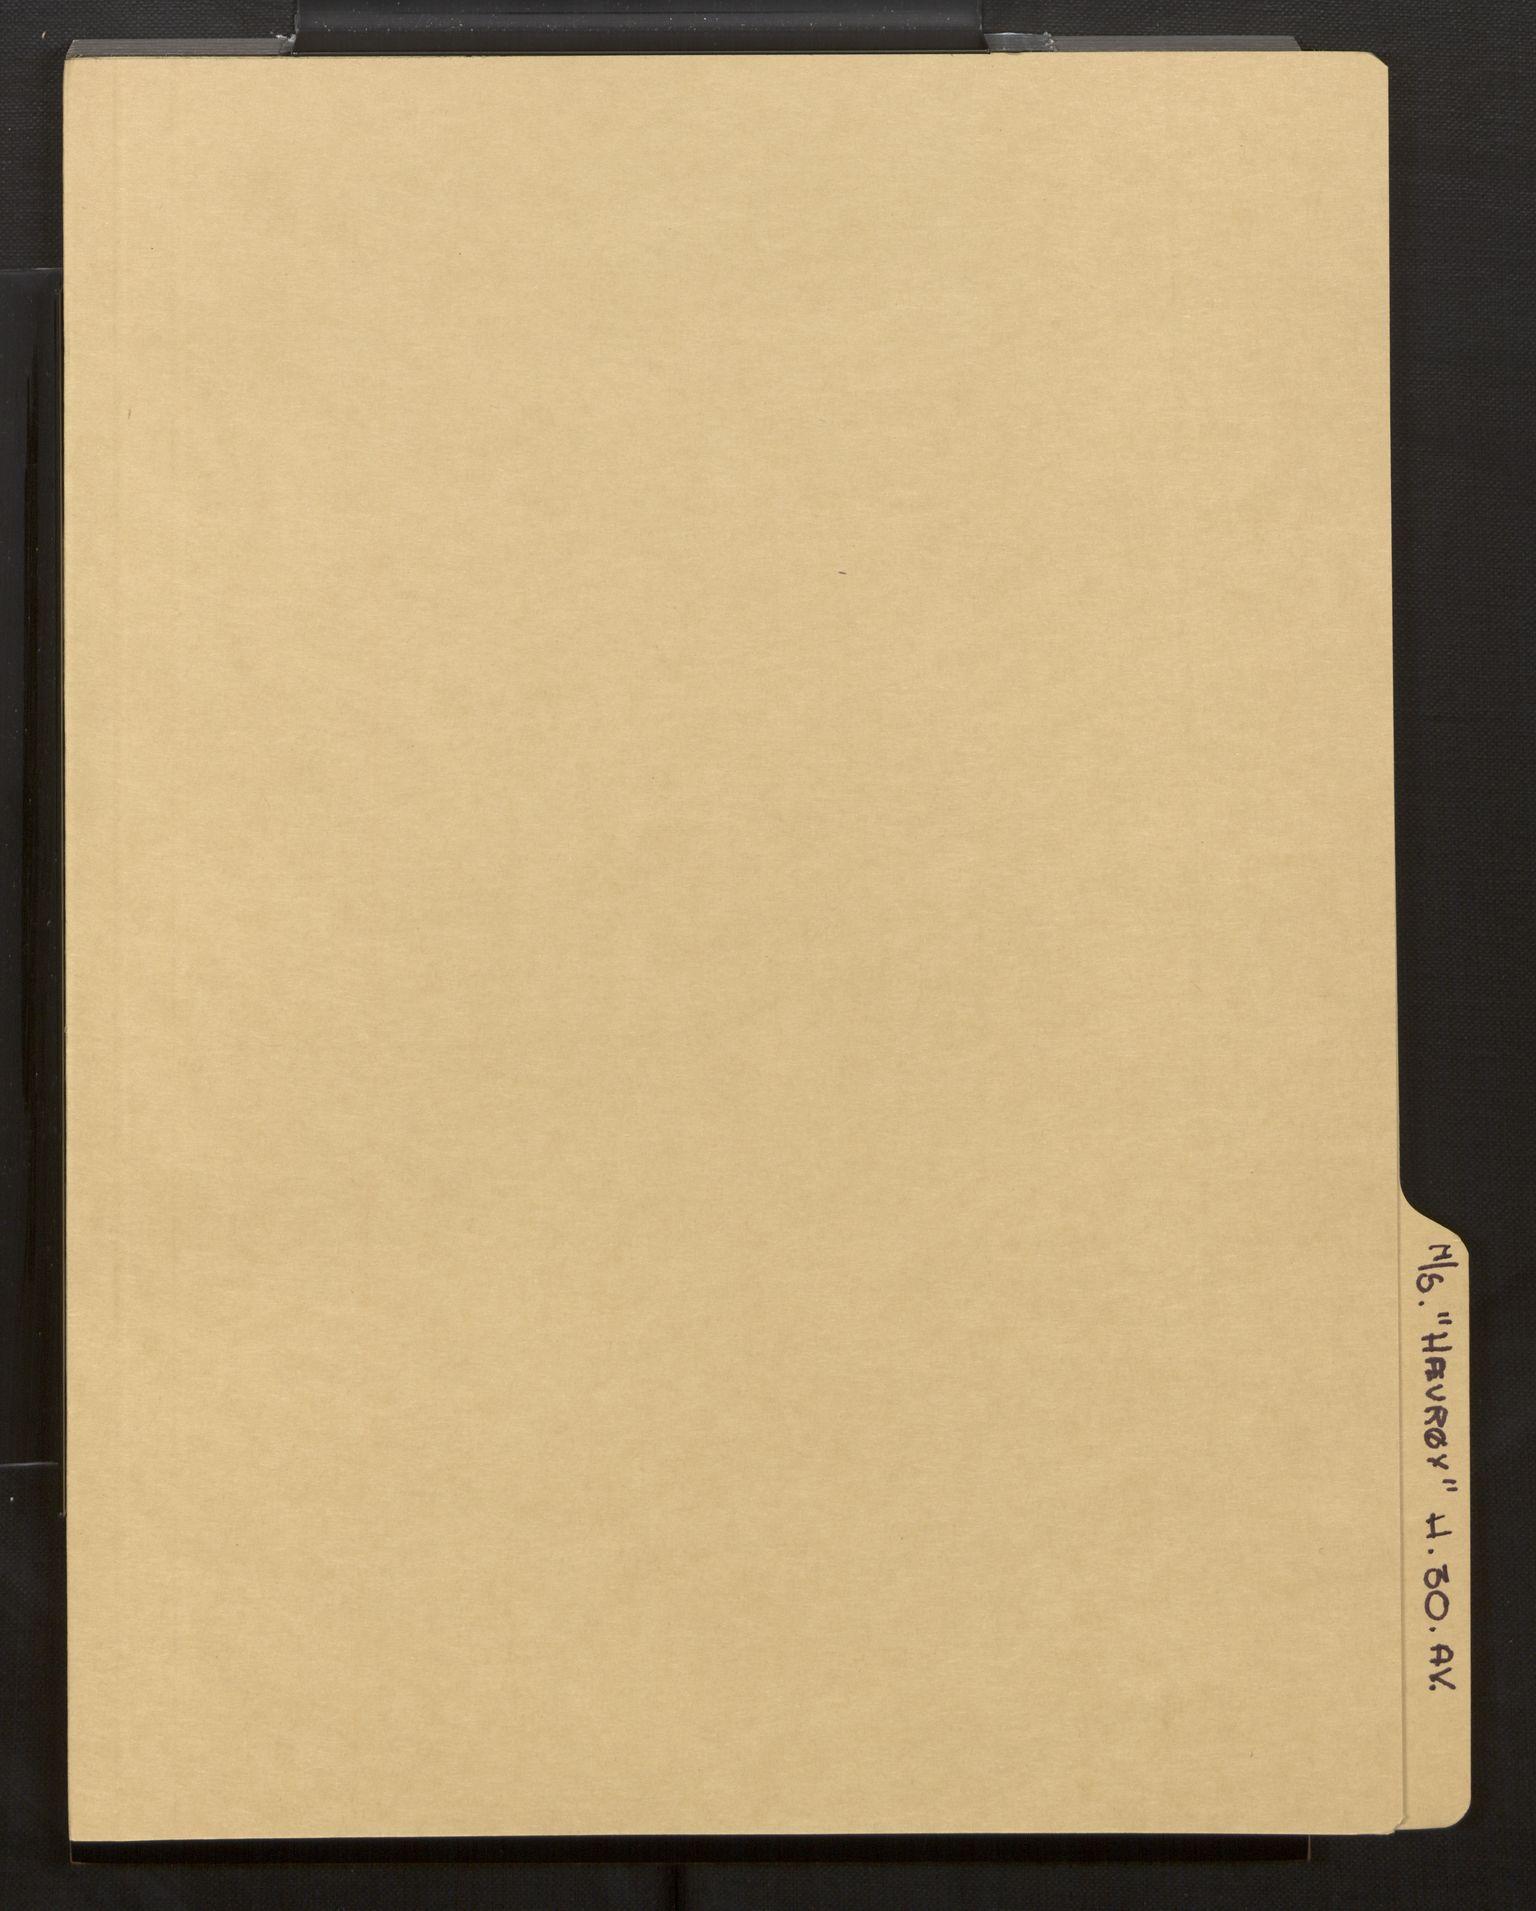 SAB, Fiskeridirektoratet - 1 Adm. ledelse - 13 Båtkontoret, La/L0042: Statens krigsforsikring for fiskeflåten, 1936-1971, s. 377